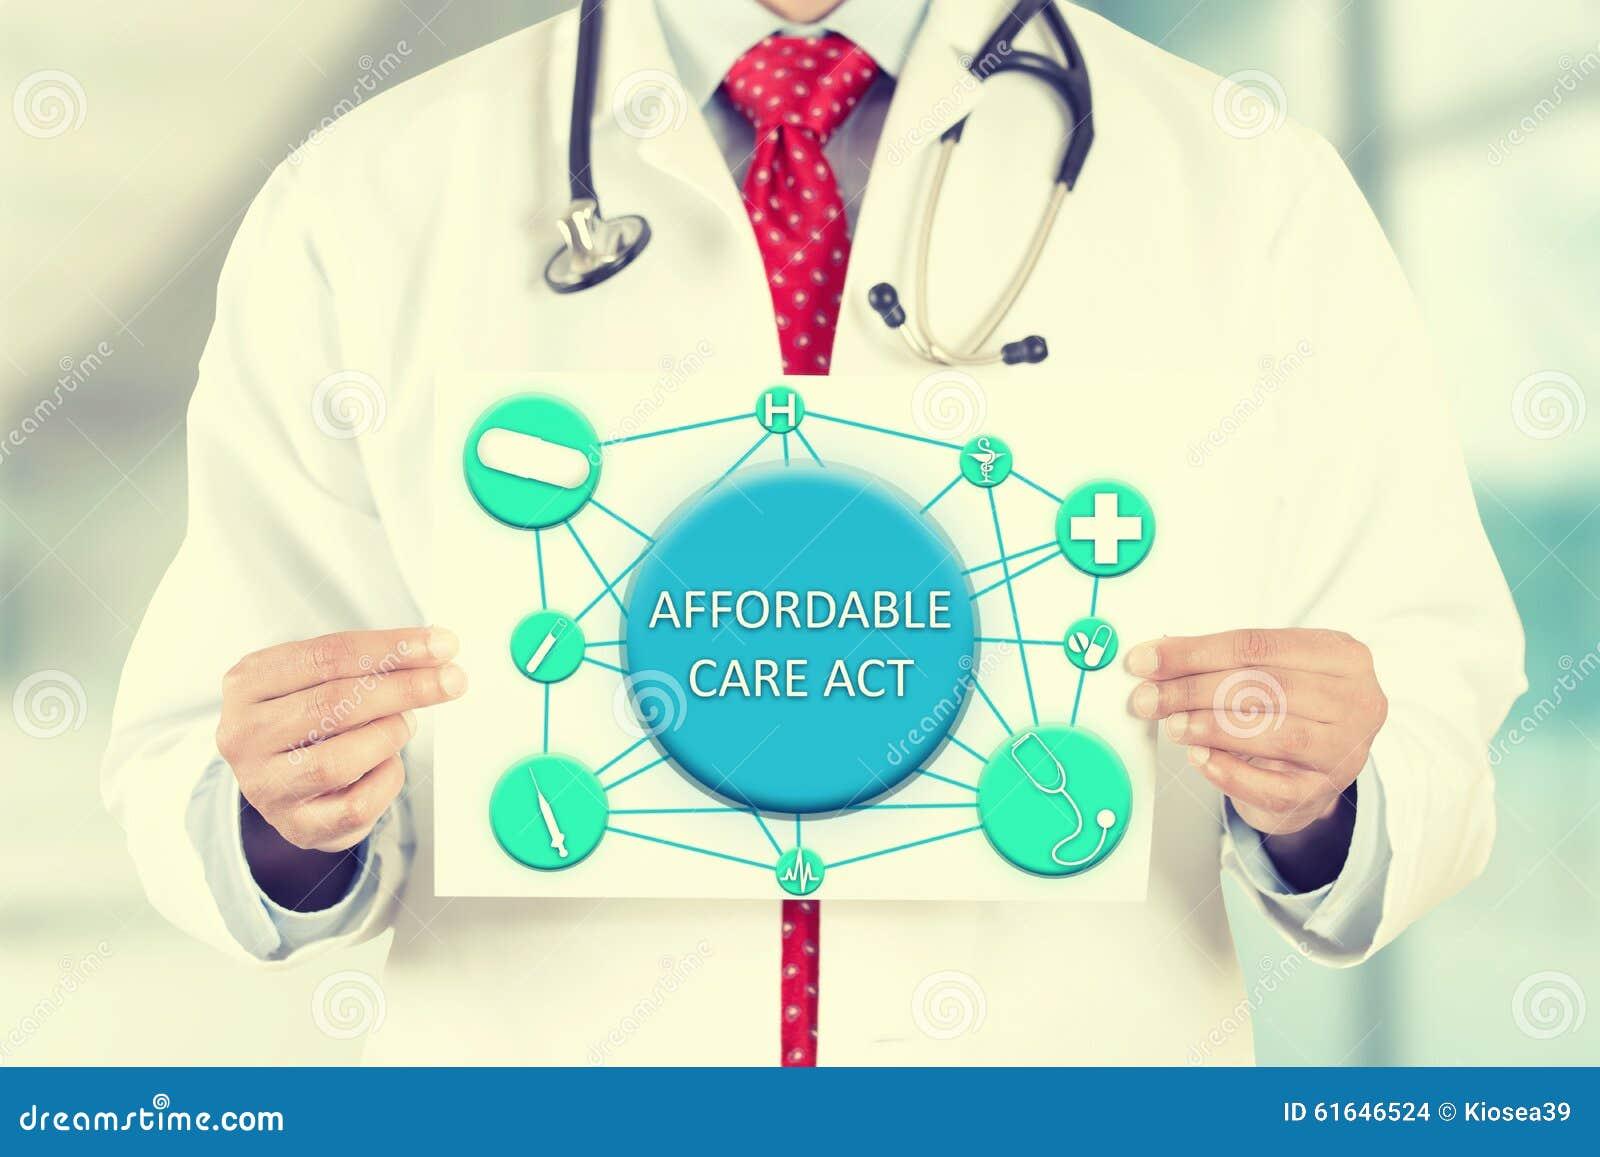 Doktorskie ręki trzyma biel karty znaka z niedrogą opieką postępują wiadomość tekstową